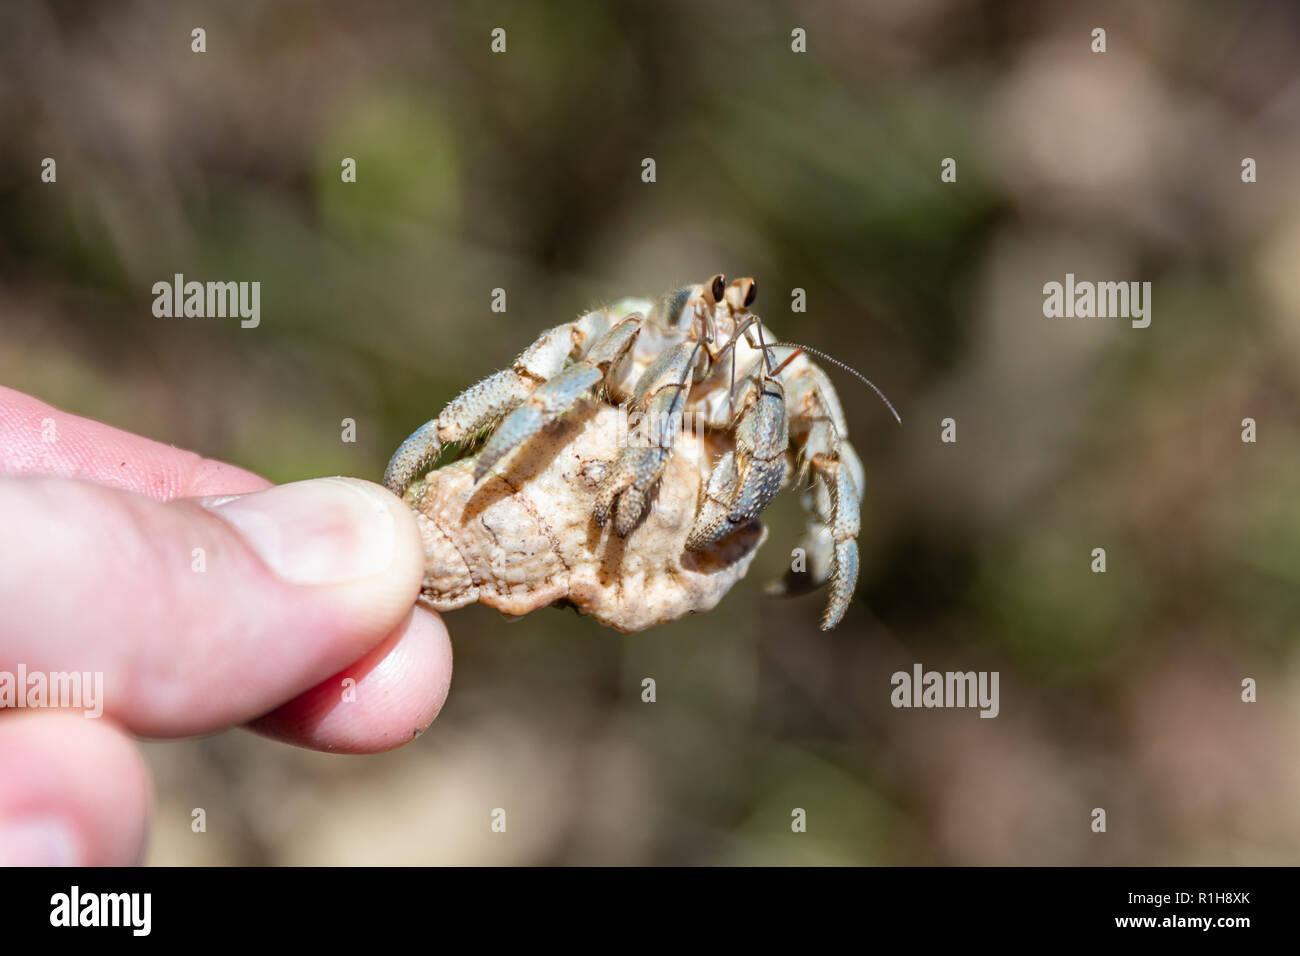 Small blueberry hermit crab (Coenobita purpureus), shell held by fingers; Okinawa, Japan - Stock Image